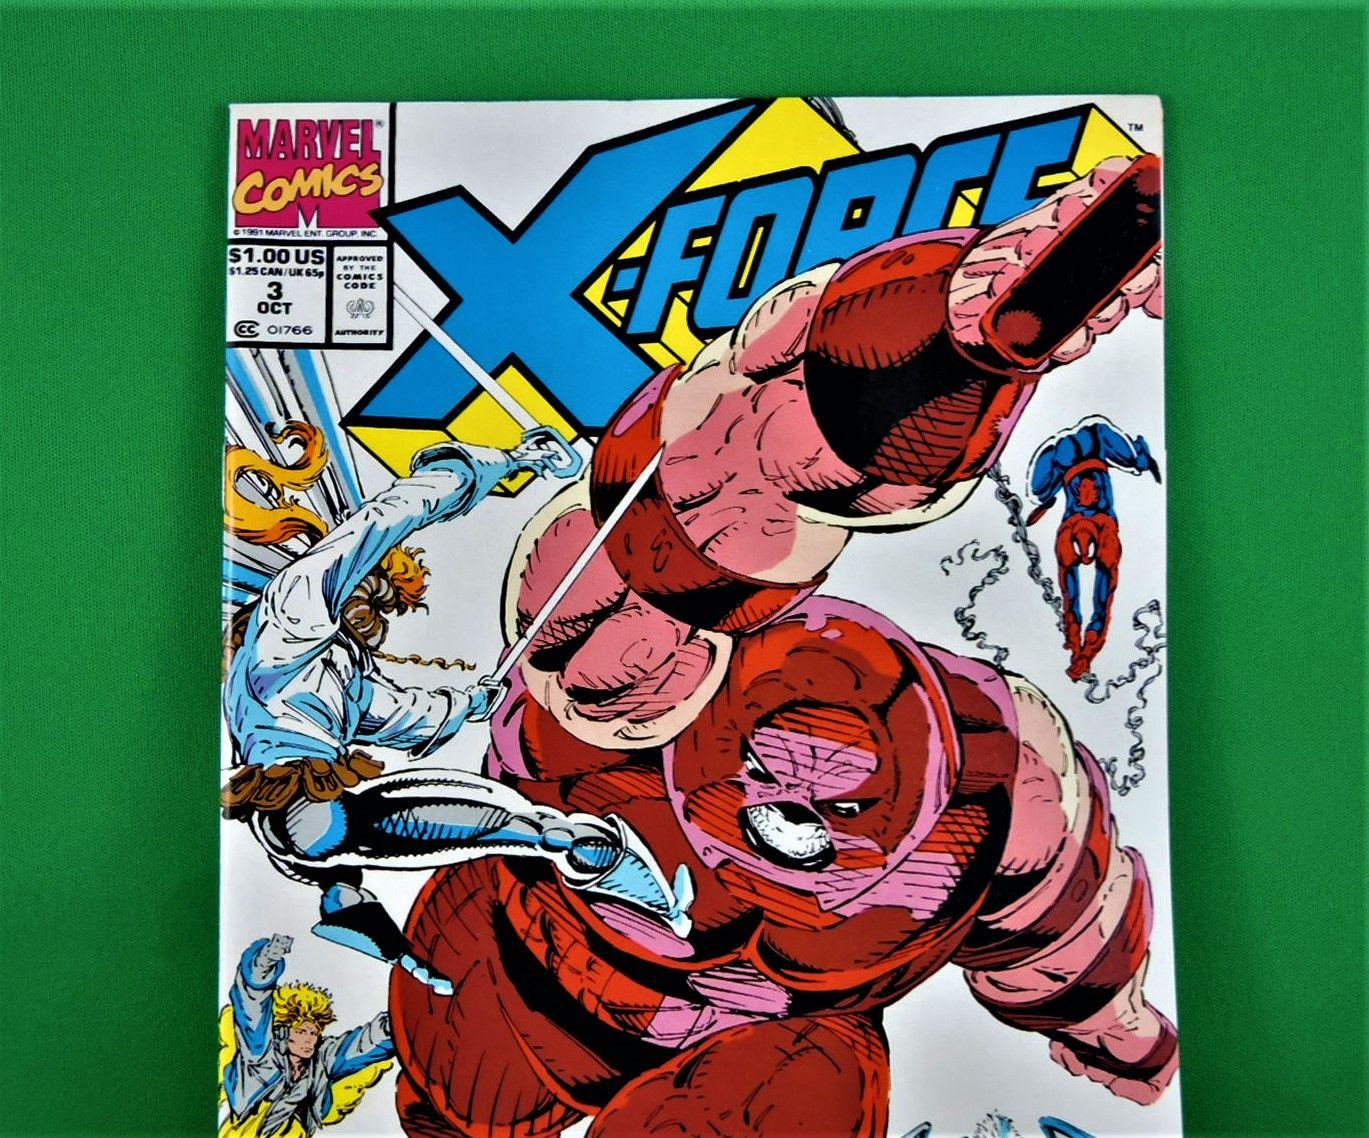 Marvel Comics X Force 3 October 1991 In 2020 Marvel Comics Marvel Comics